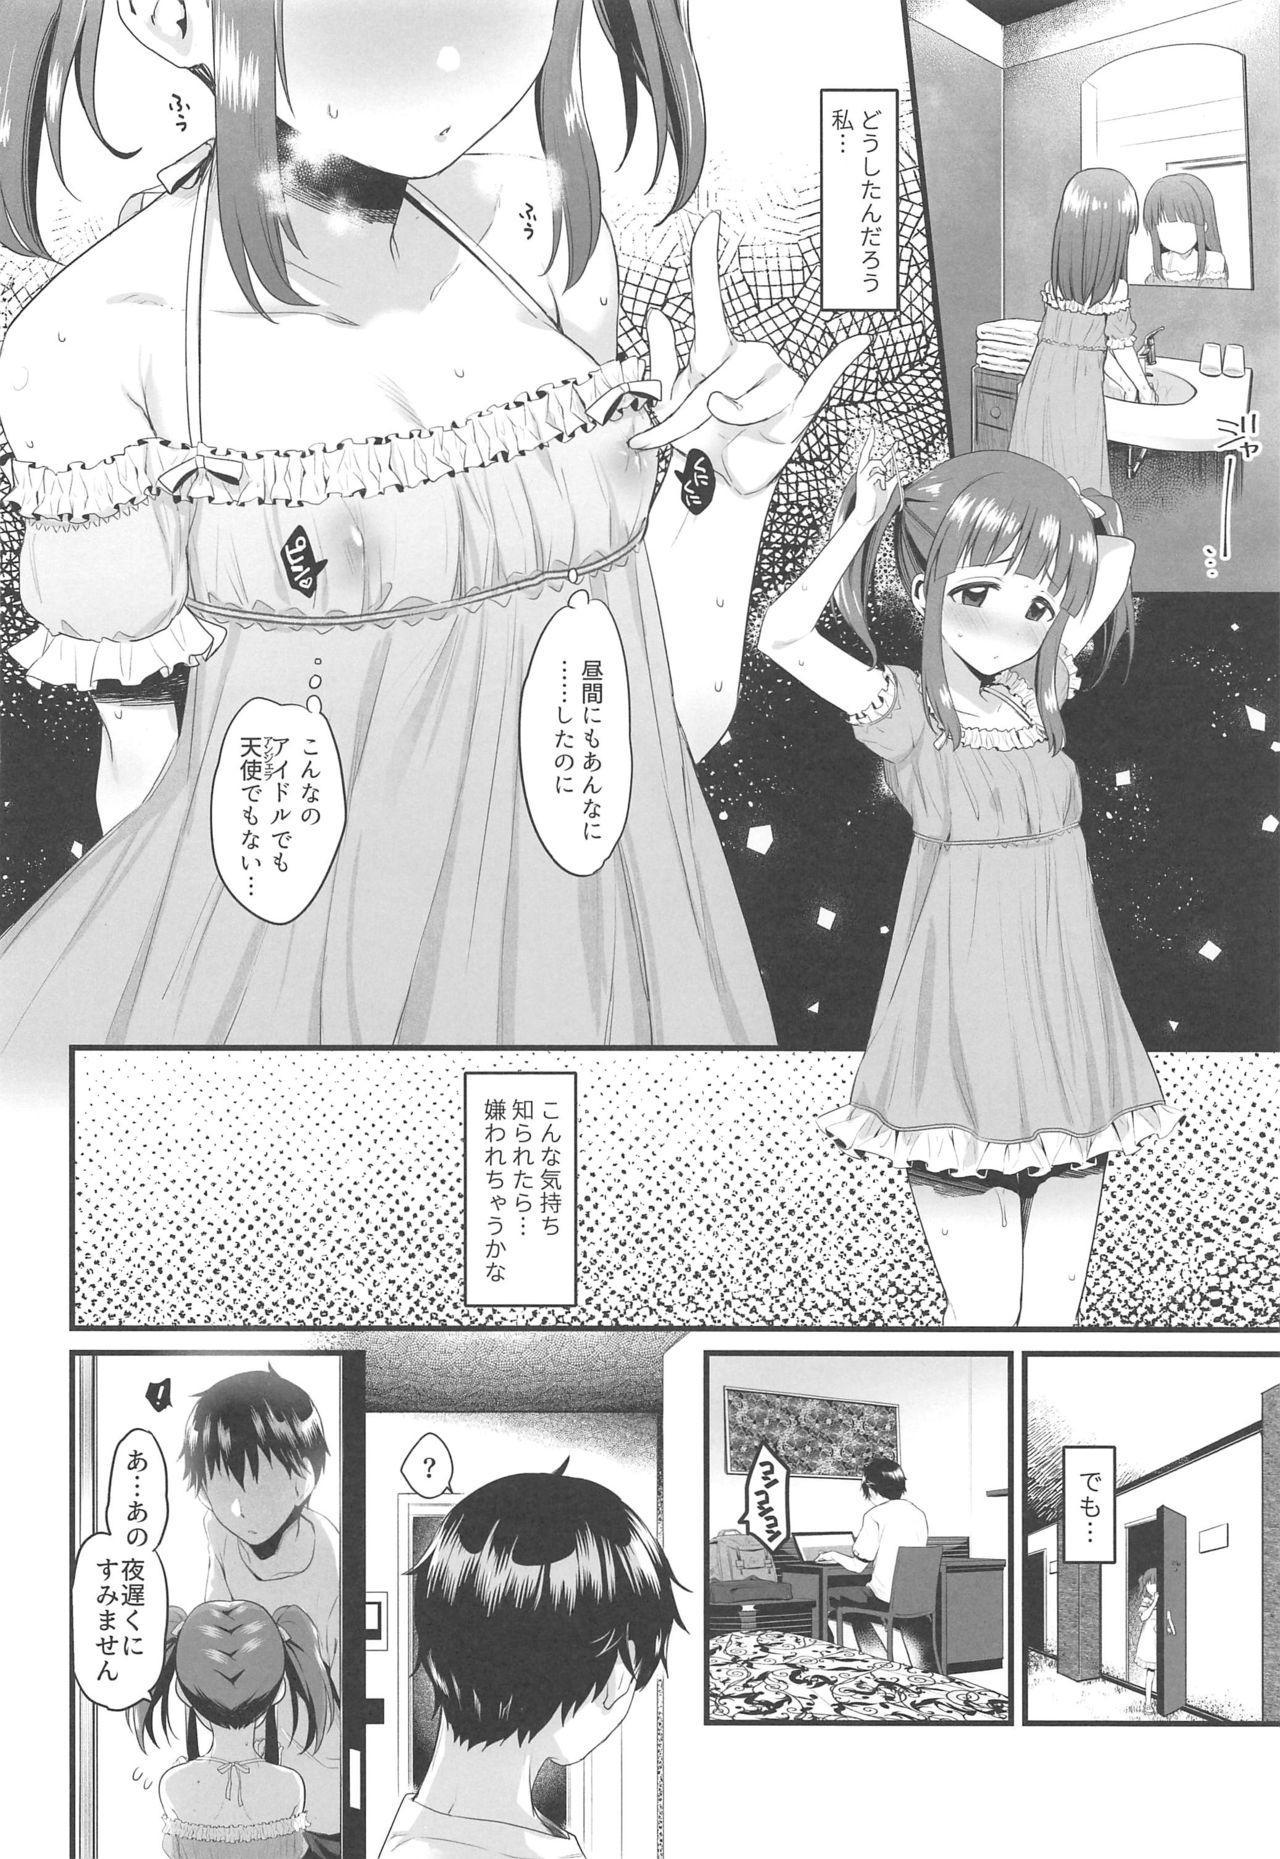 Natsu to Mizugi to Koisuru Amarena 8